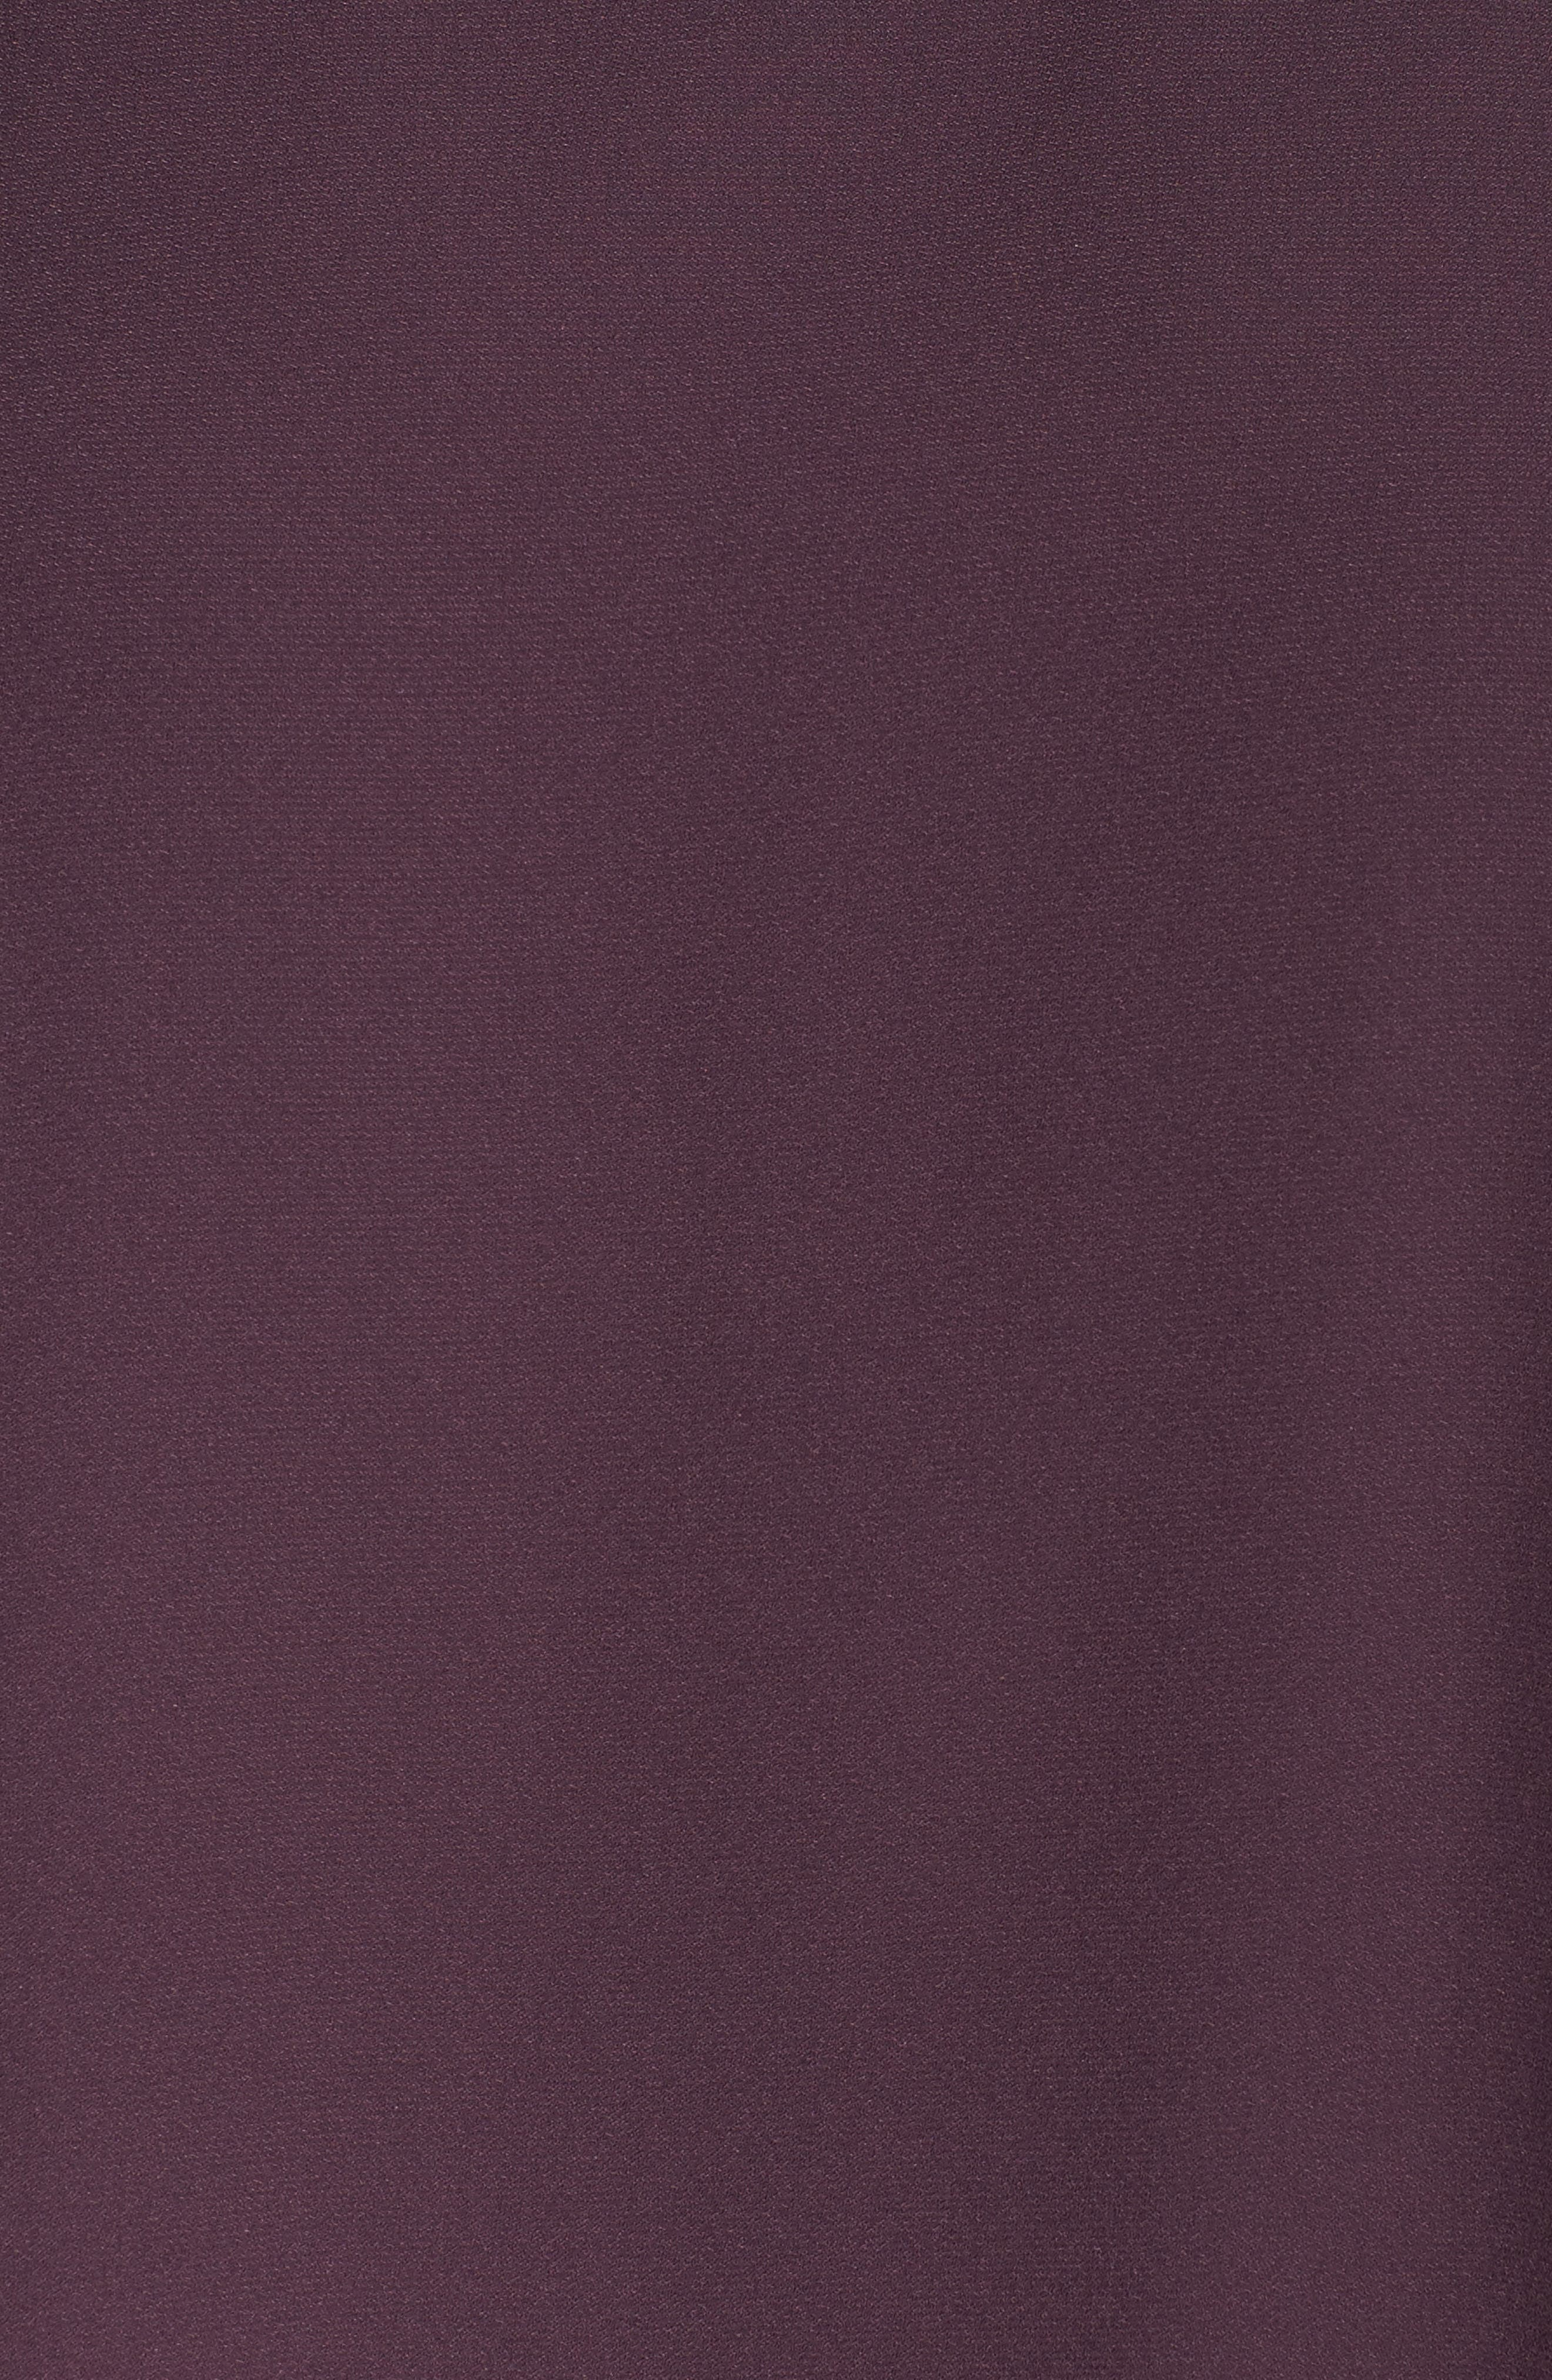 Cold Shoulder Swing Dress,                             Alternate thumbnail 5, color,                             Purple Plum